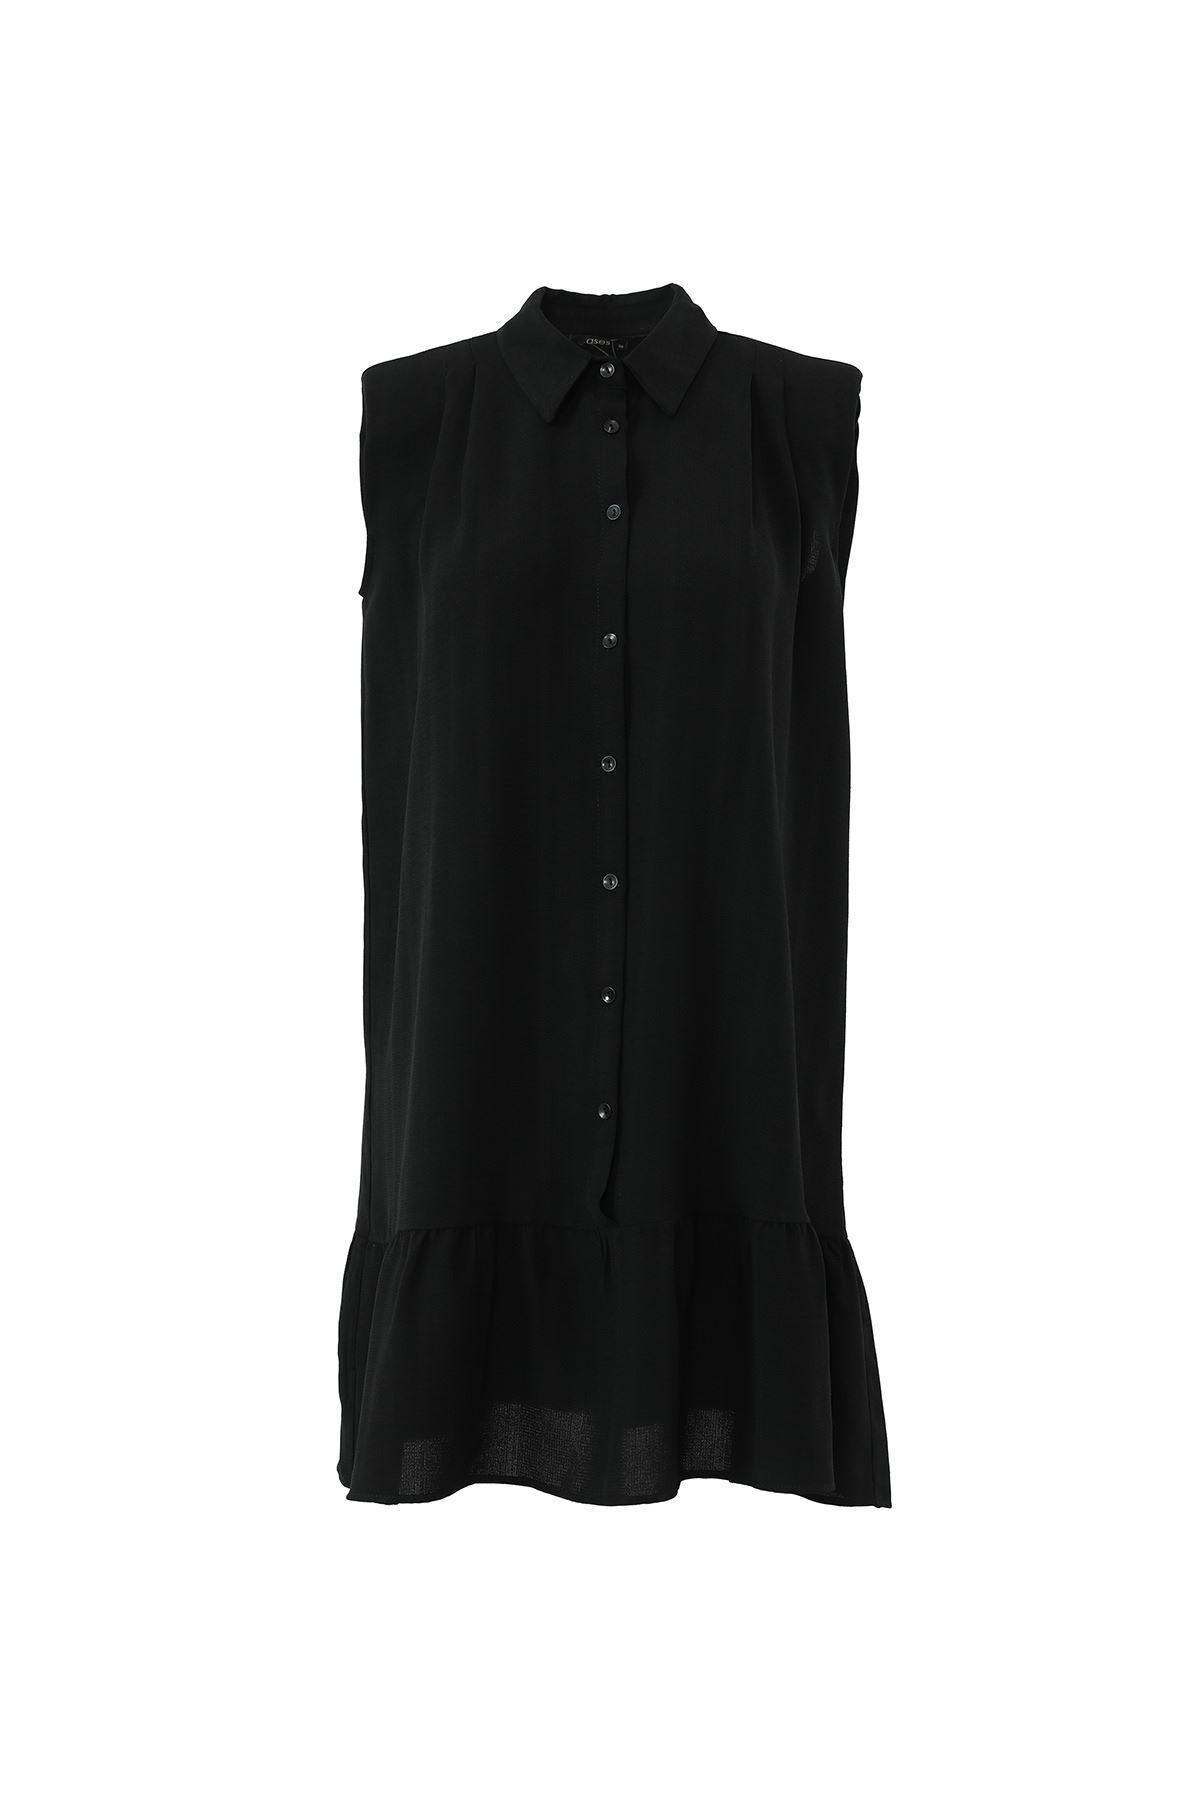 ASS-Etek Fırfırlı Sıfır Kol Tunik-Siyah